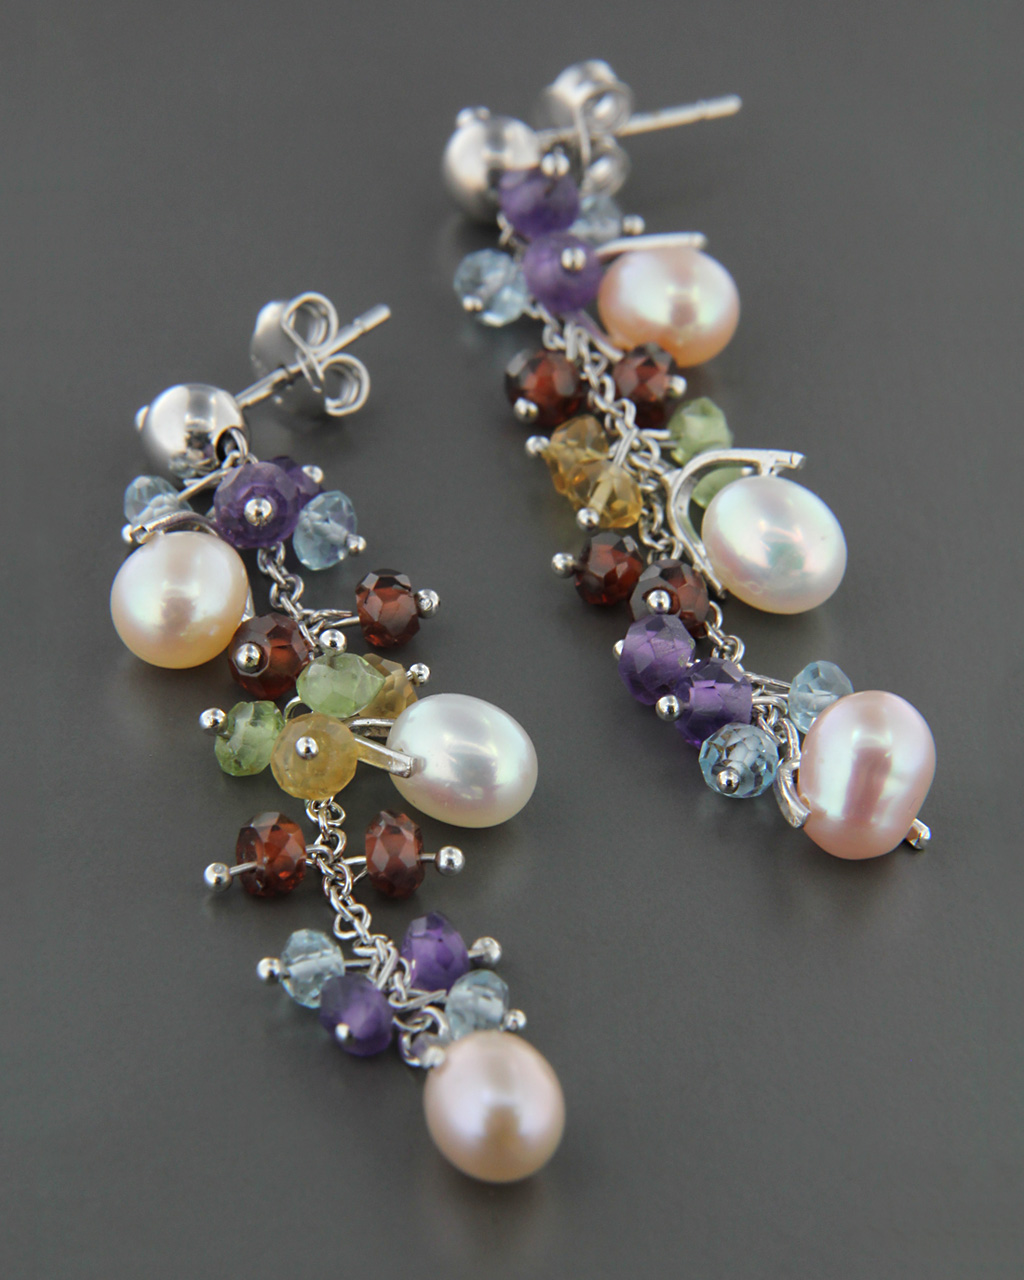 Σκουλαρίκια κρεμαστά χρυσά Κ18 με Αμέθυστο, ?κουαμαρίνα, Τουρμαλ   γυναικα σκουλαρίκια σκουλαρίκια ημιπολύτιμοι λίθοι